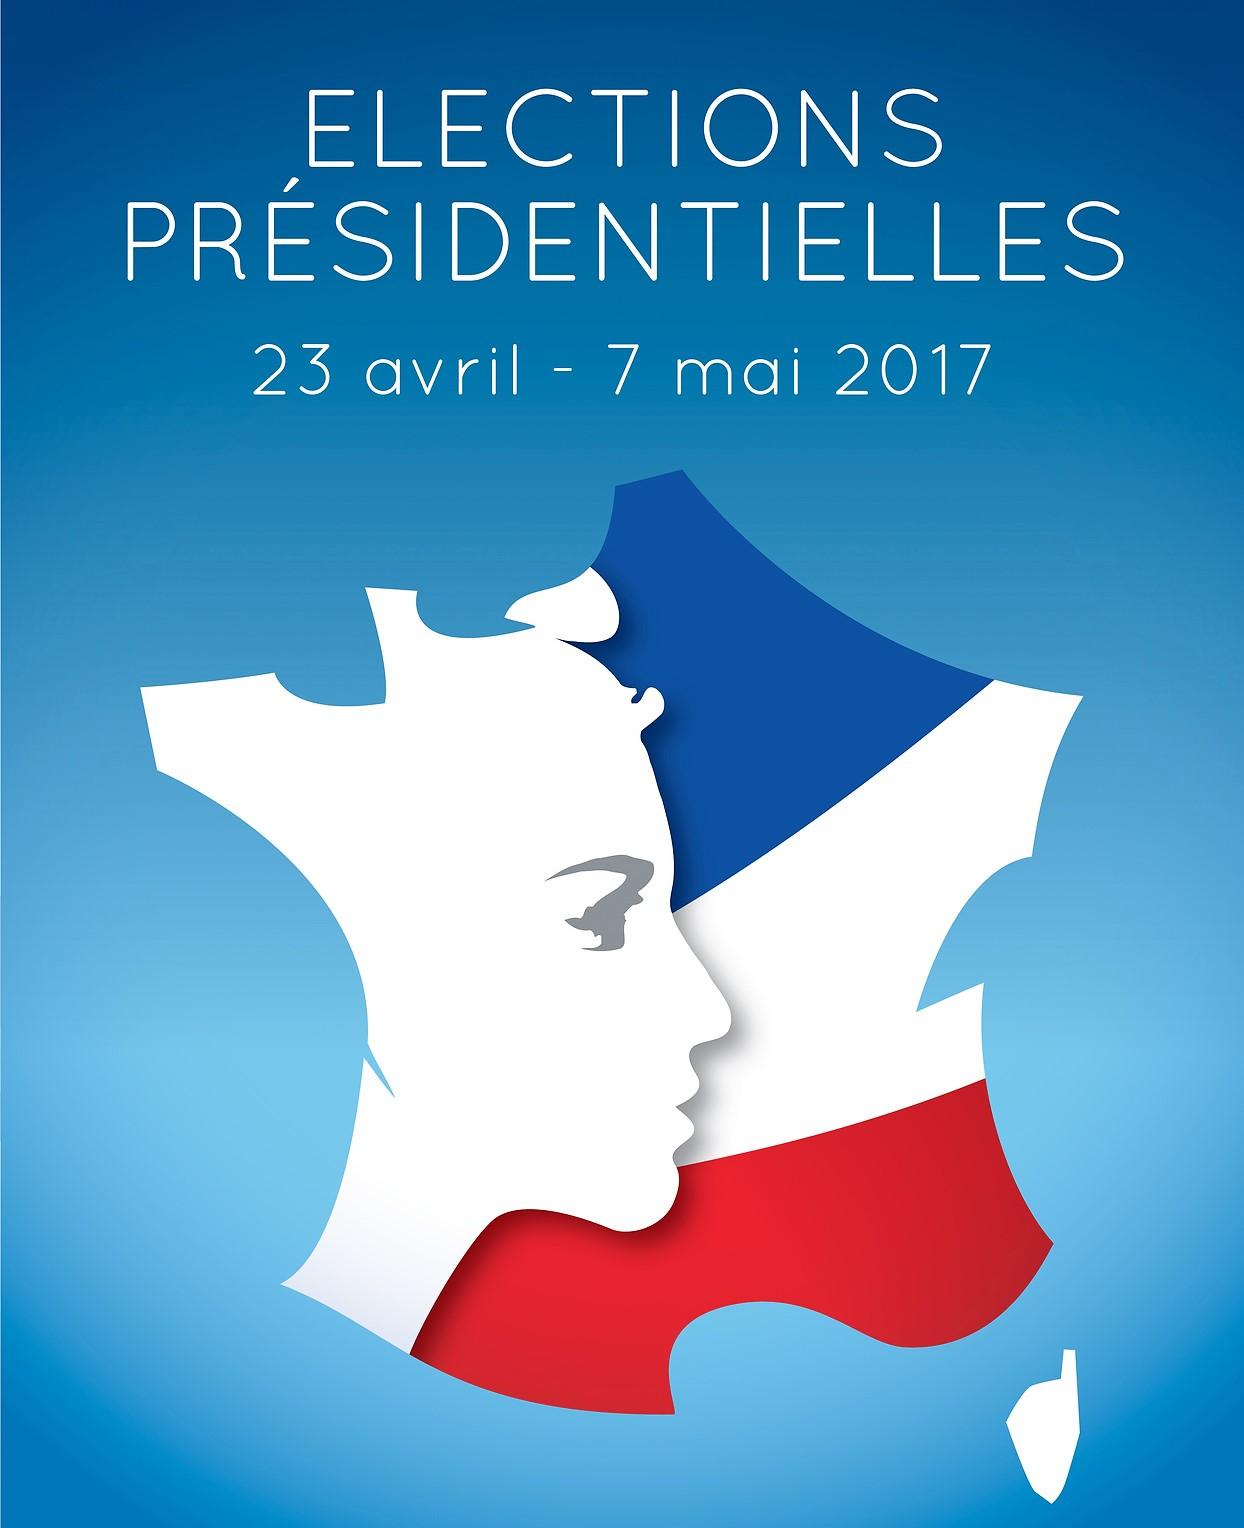 23 de abril e 7 de maio: Eleições Presidenciais na França